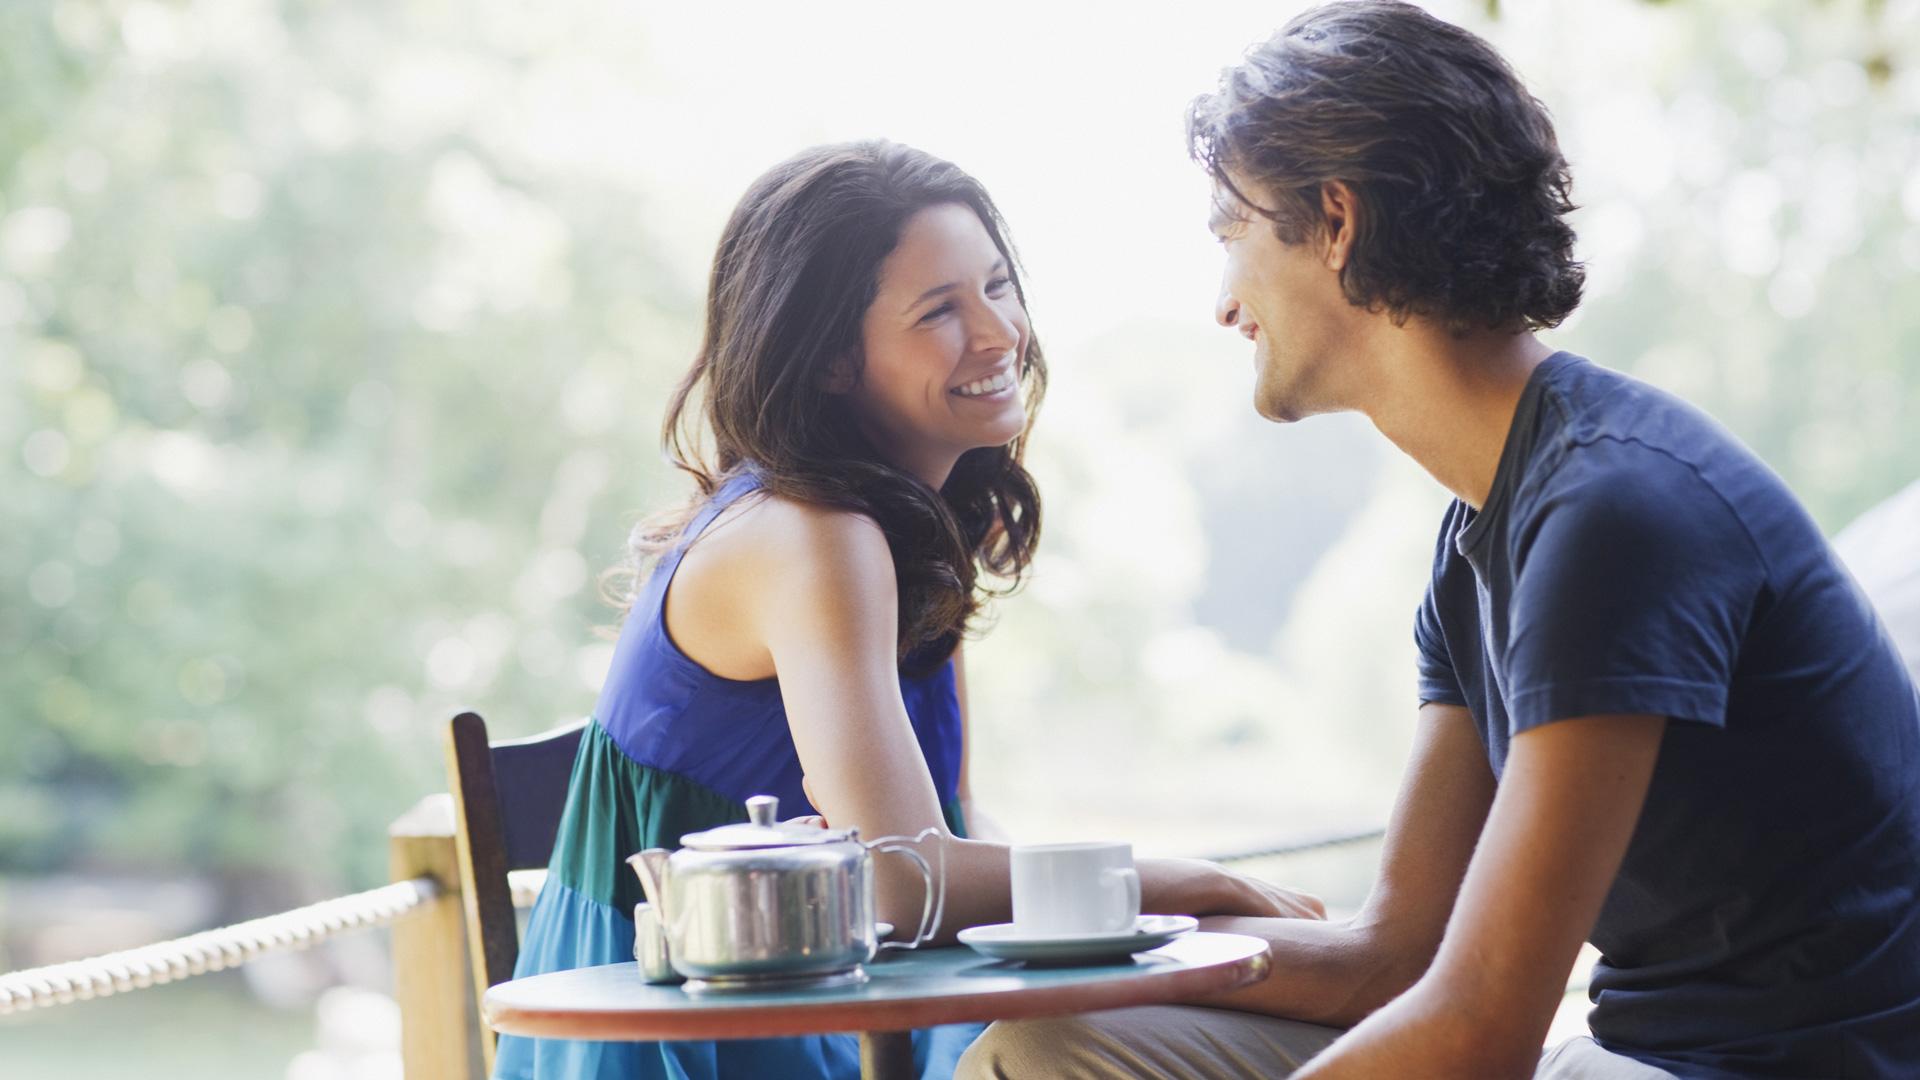 Χριστιανικό ζευγαρώσεις μια ιστοσελίδα σεξ